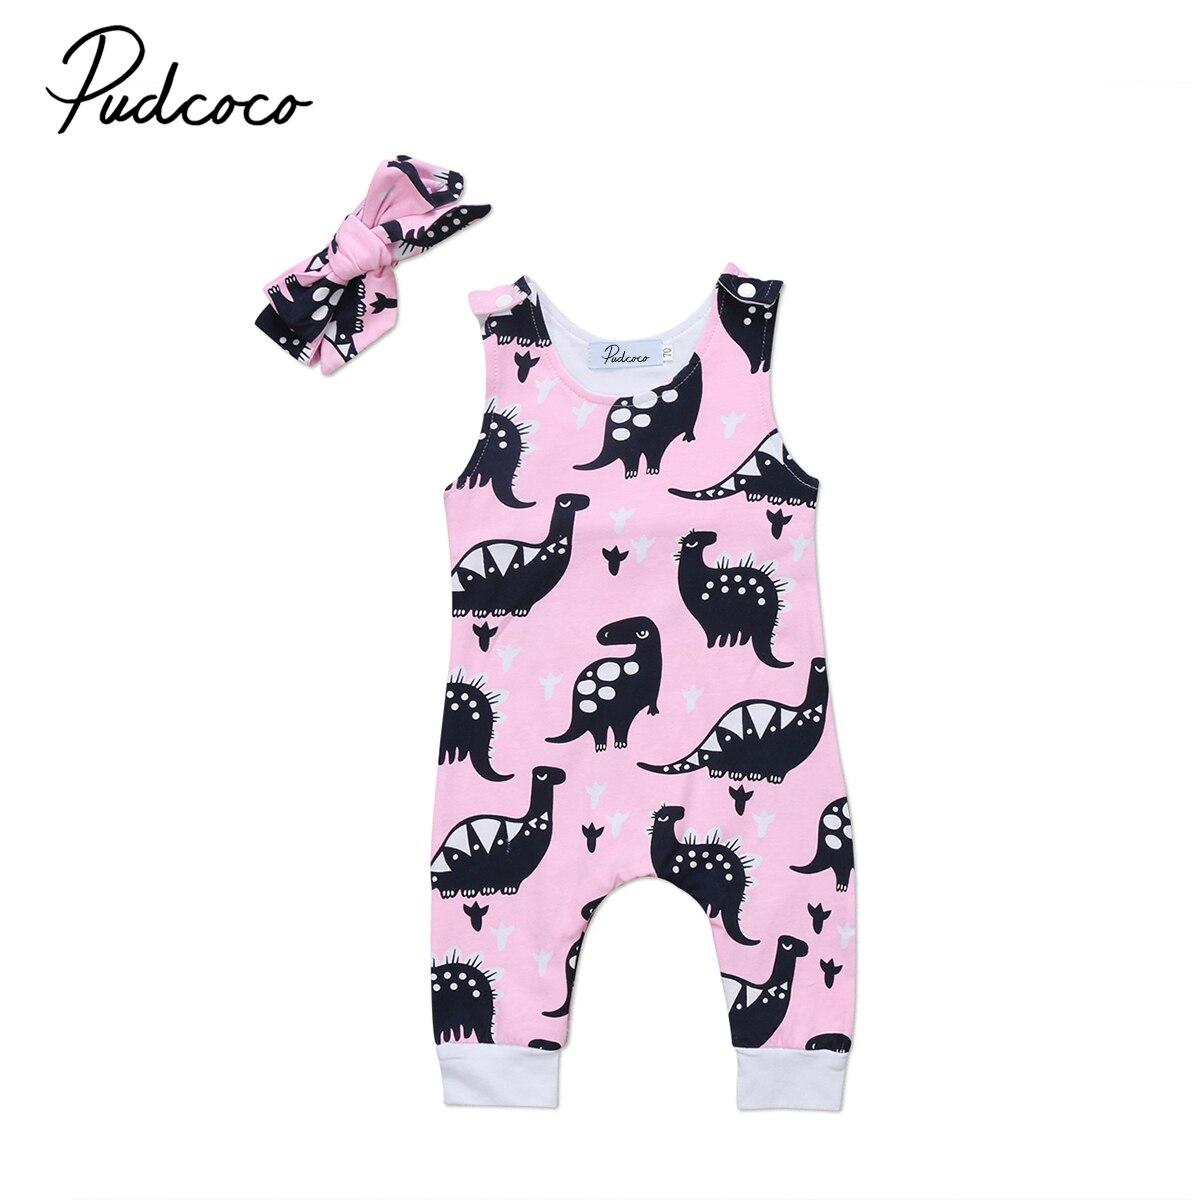 Милый динозавр для новорожденных девочек Комбинезон, комплект одежды 0-18 м Lucky детская одежда для малышей